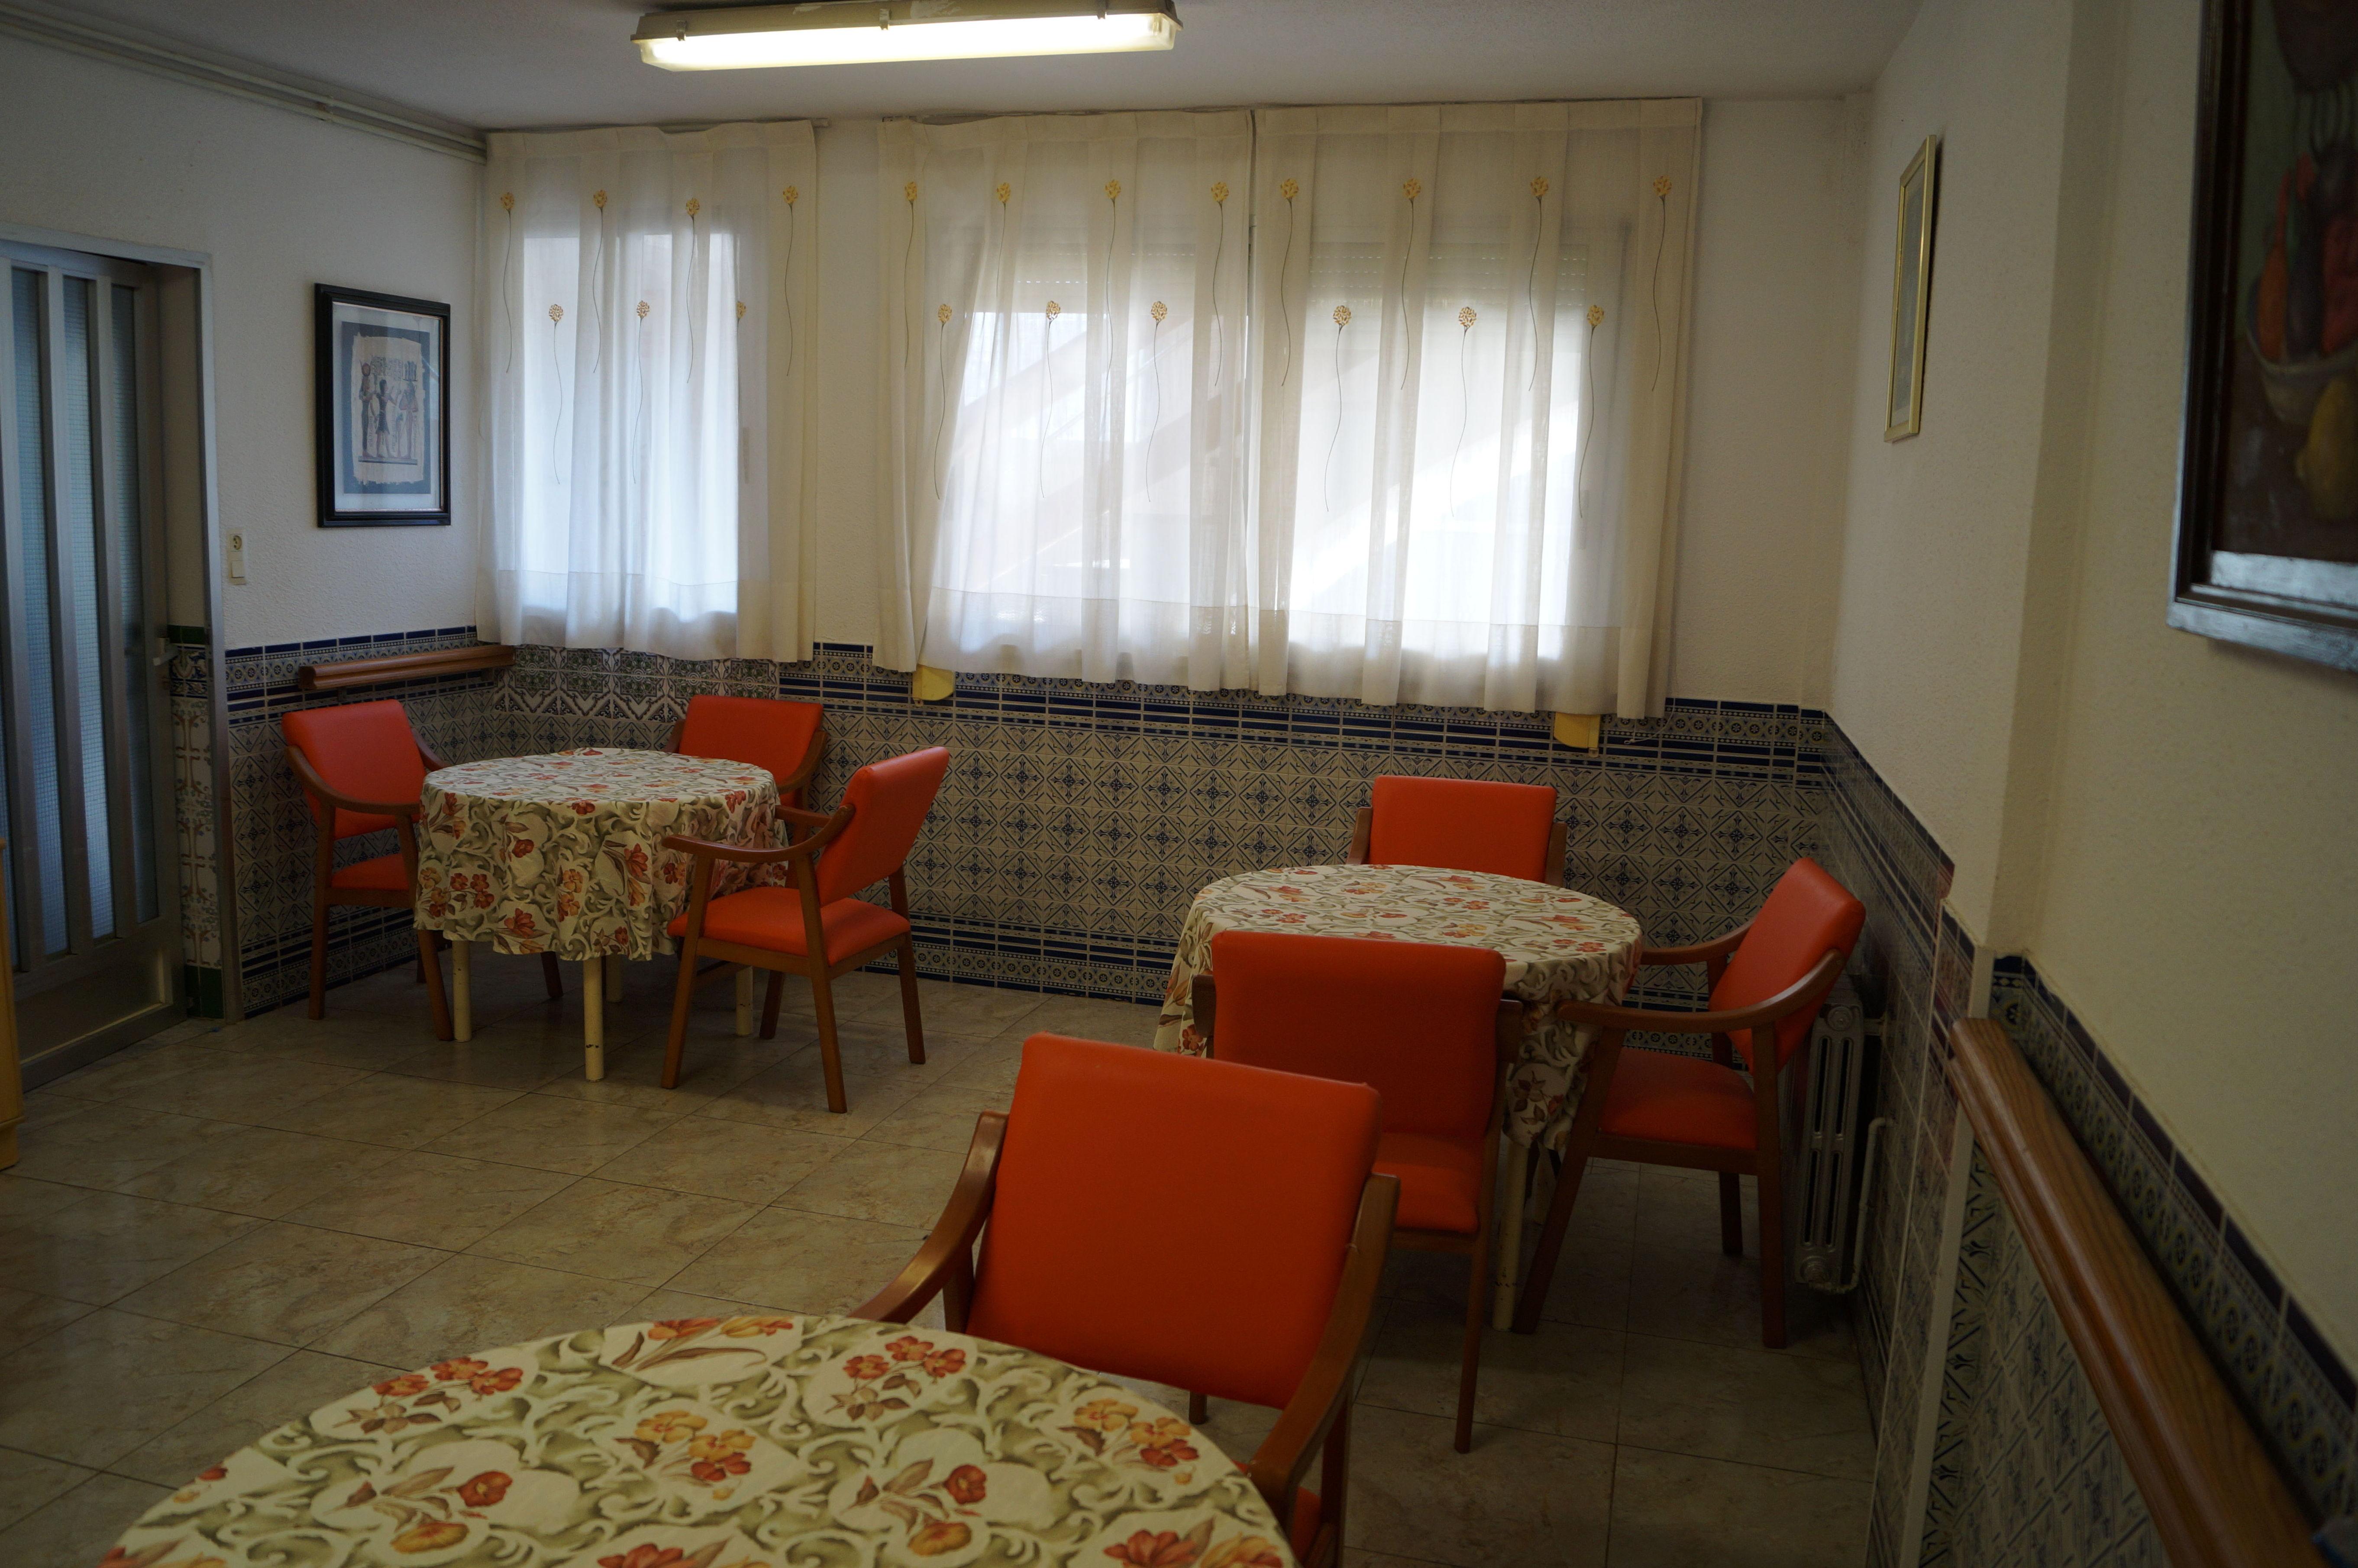 Foto 12 de Residencias geriátricas en Torrent | Residencia Ntra. Sra. de la Estrella